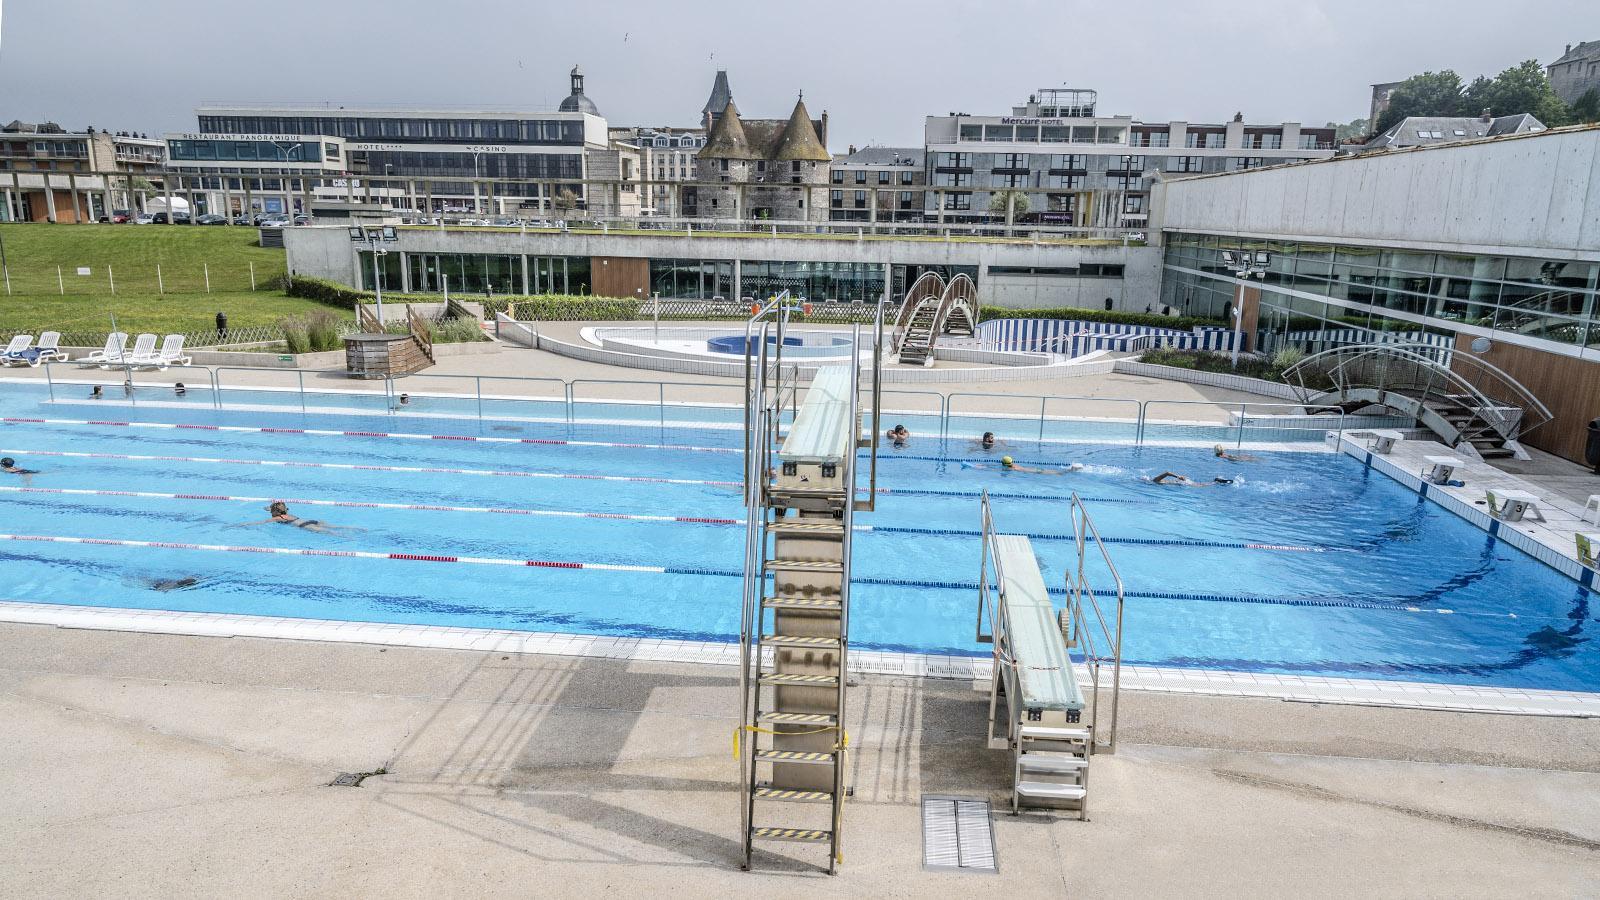 Das Badezentrum von Dieppe vereint Sportbad, Spaßbad und Spa unter einem Dach. Foto: Hilke Maunder